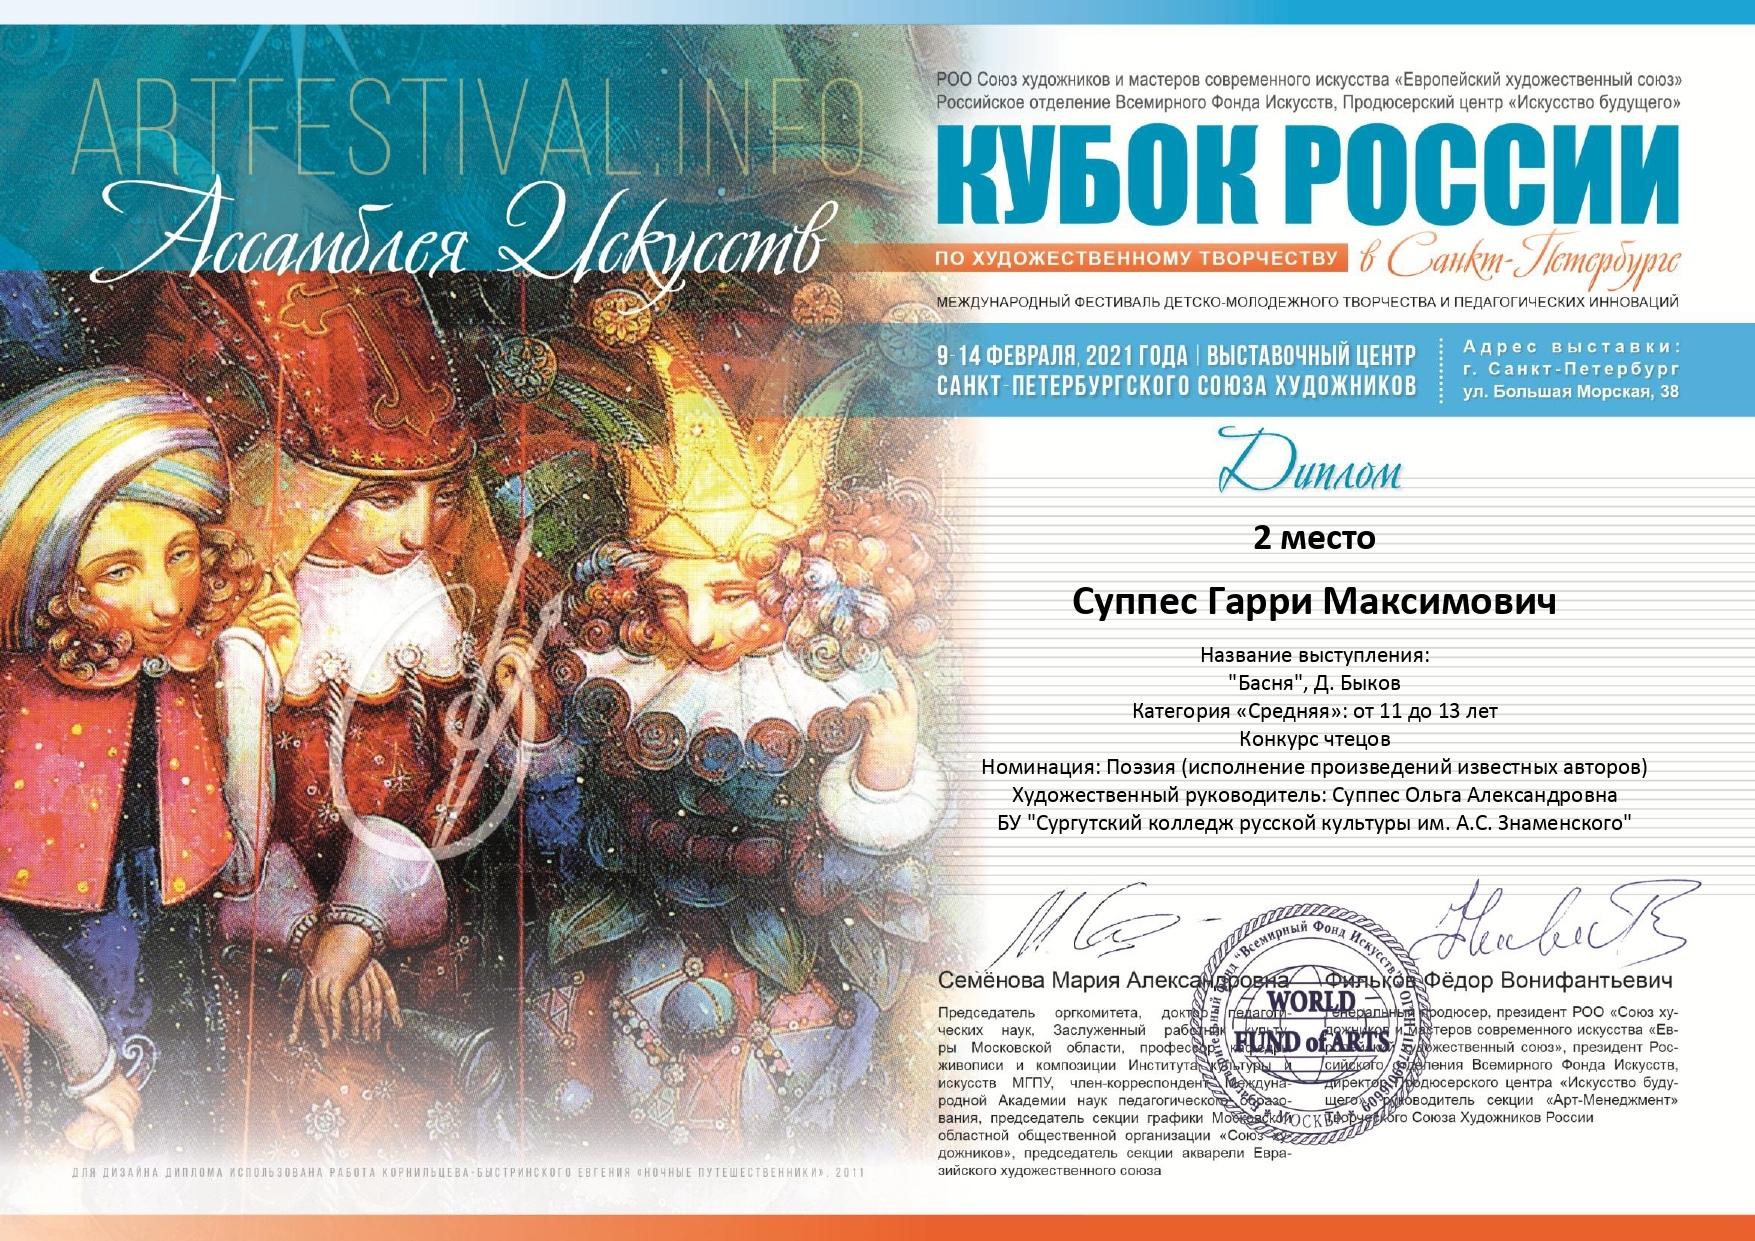 Завершилось февральское проведение международного фестиваля детско-молодежного творчества и педагогических инноваций – Кубка России по художественному творчеству «Ассамблея искусств»